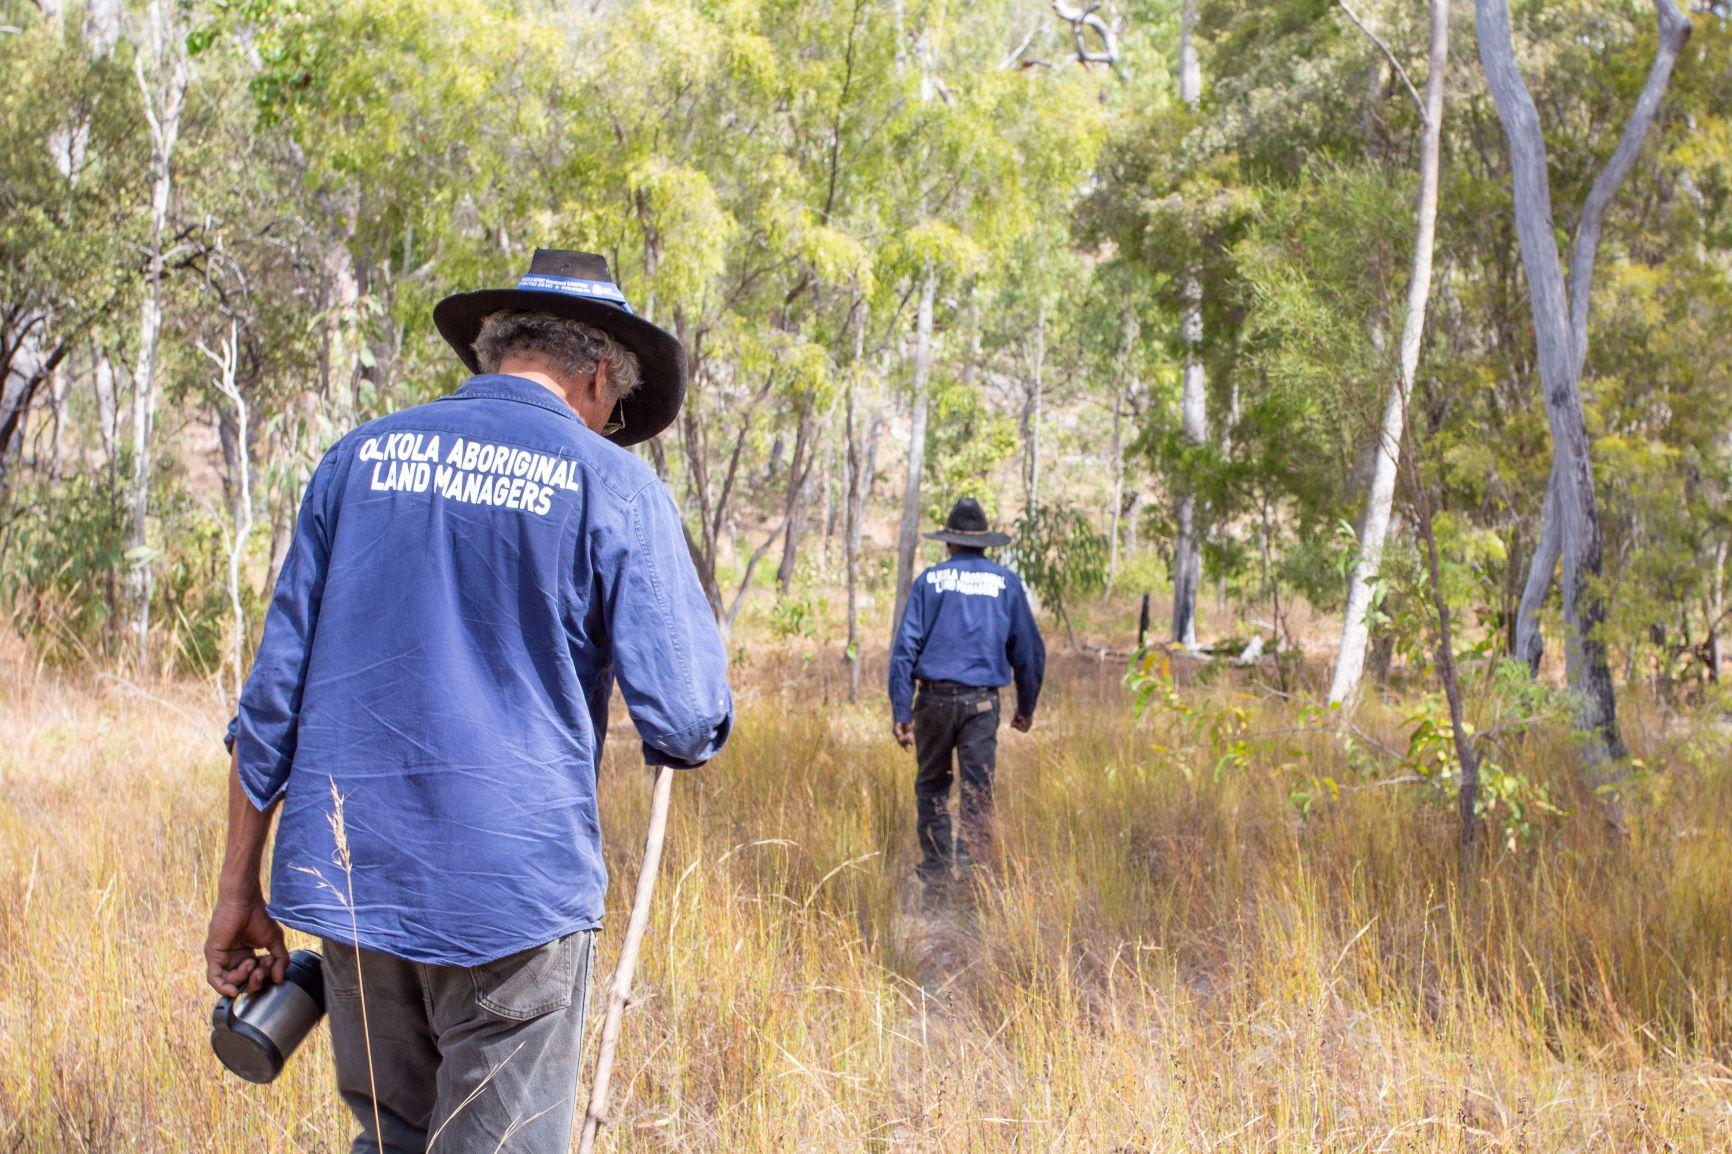 Olkola Aboriginal Land Managers walking through savannah